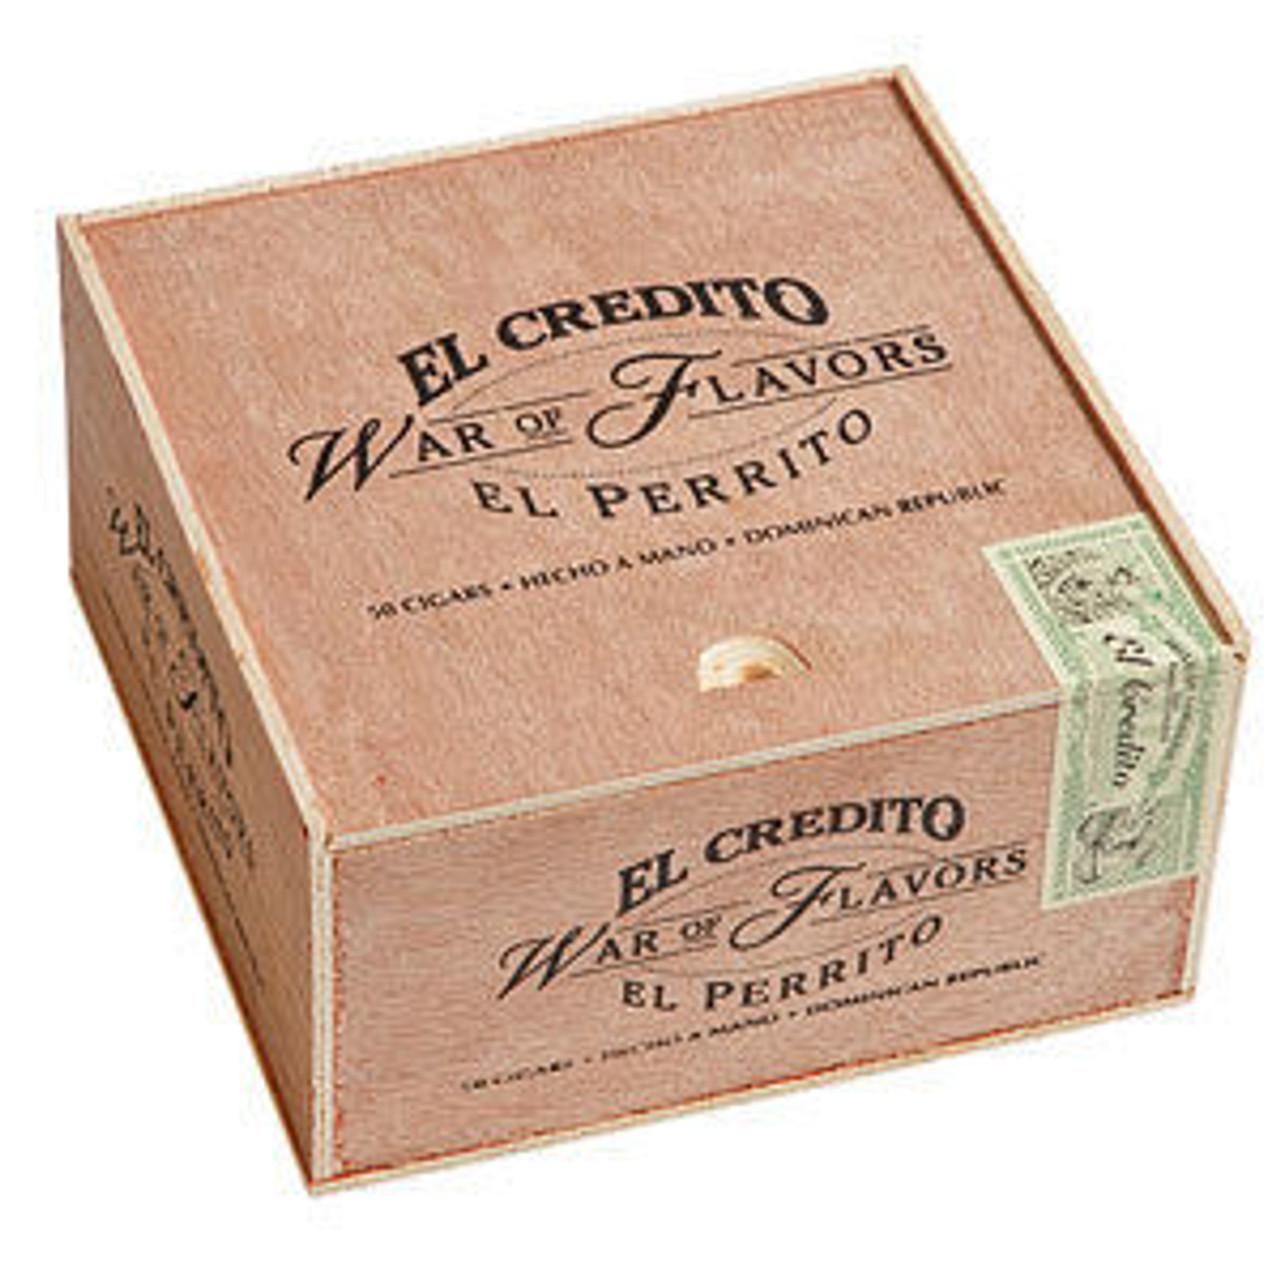 El Credito El Perrito Cigars - 5.5 x 38 (Box of 50)